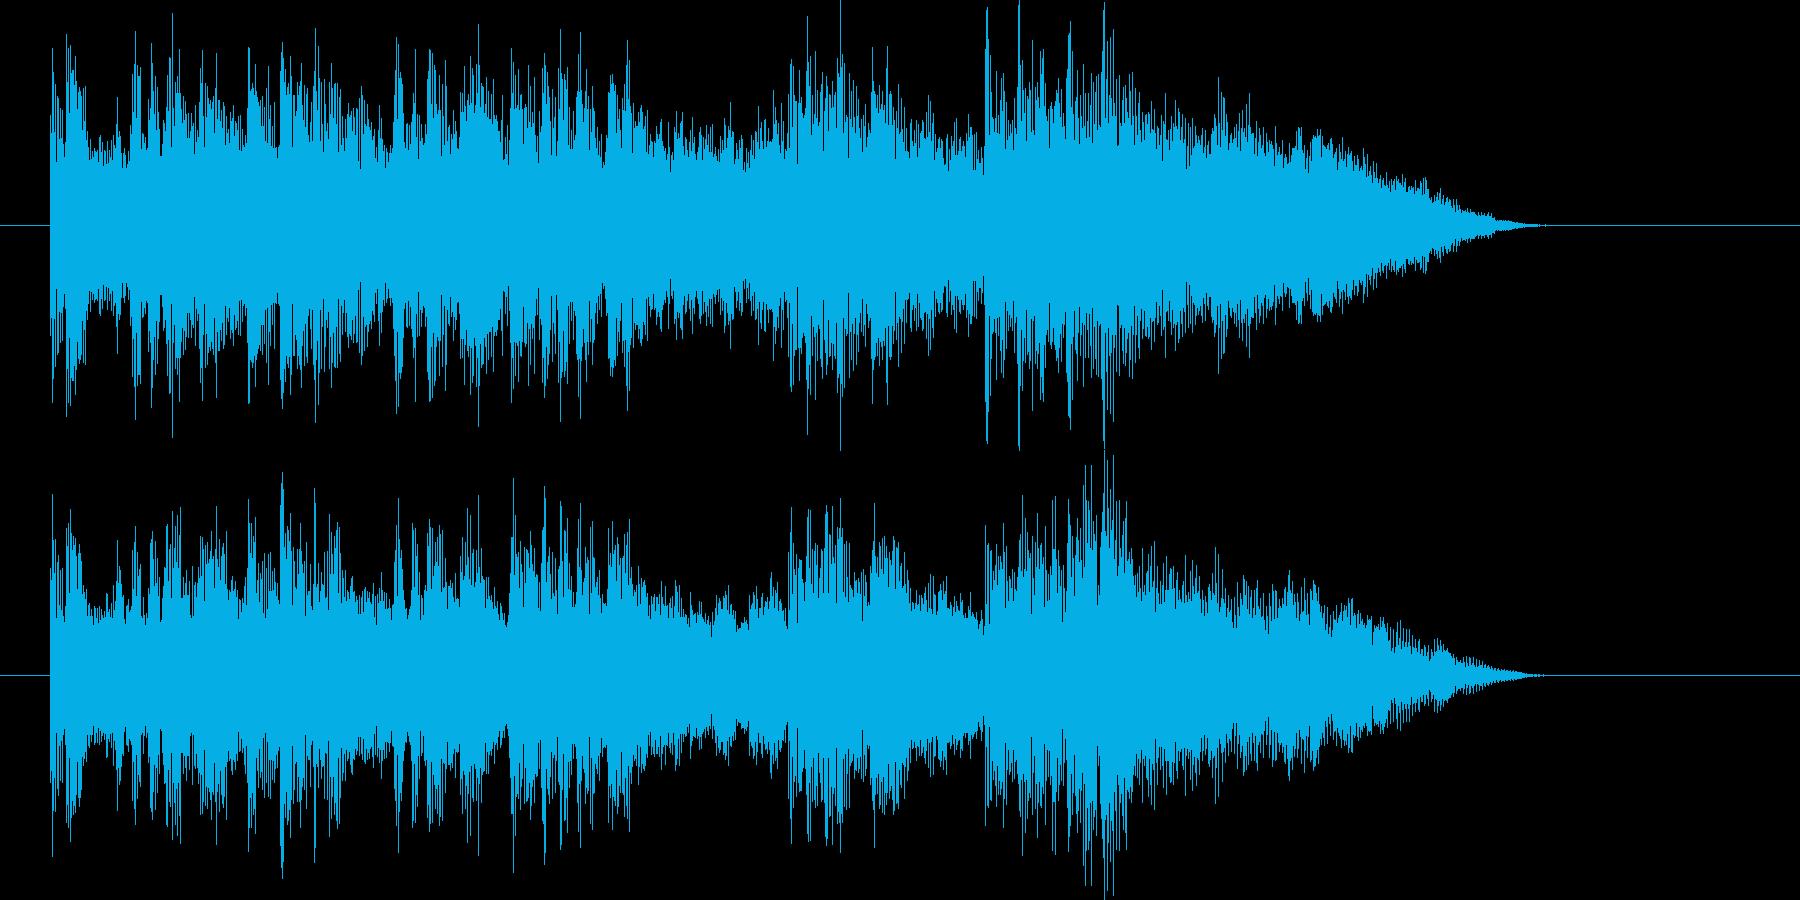 柔らかい溶け合い感のある17秒の再生済みの波形